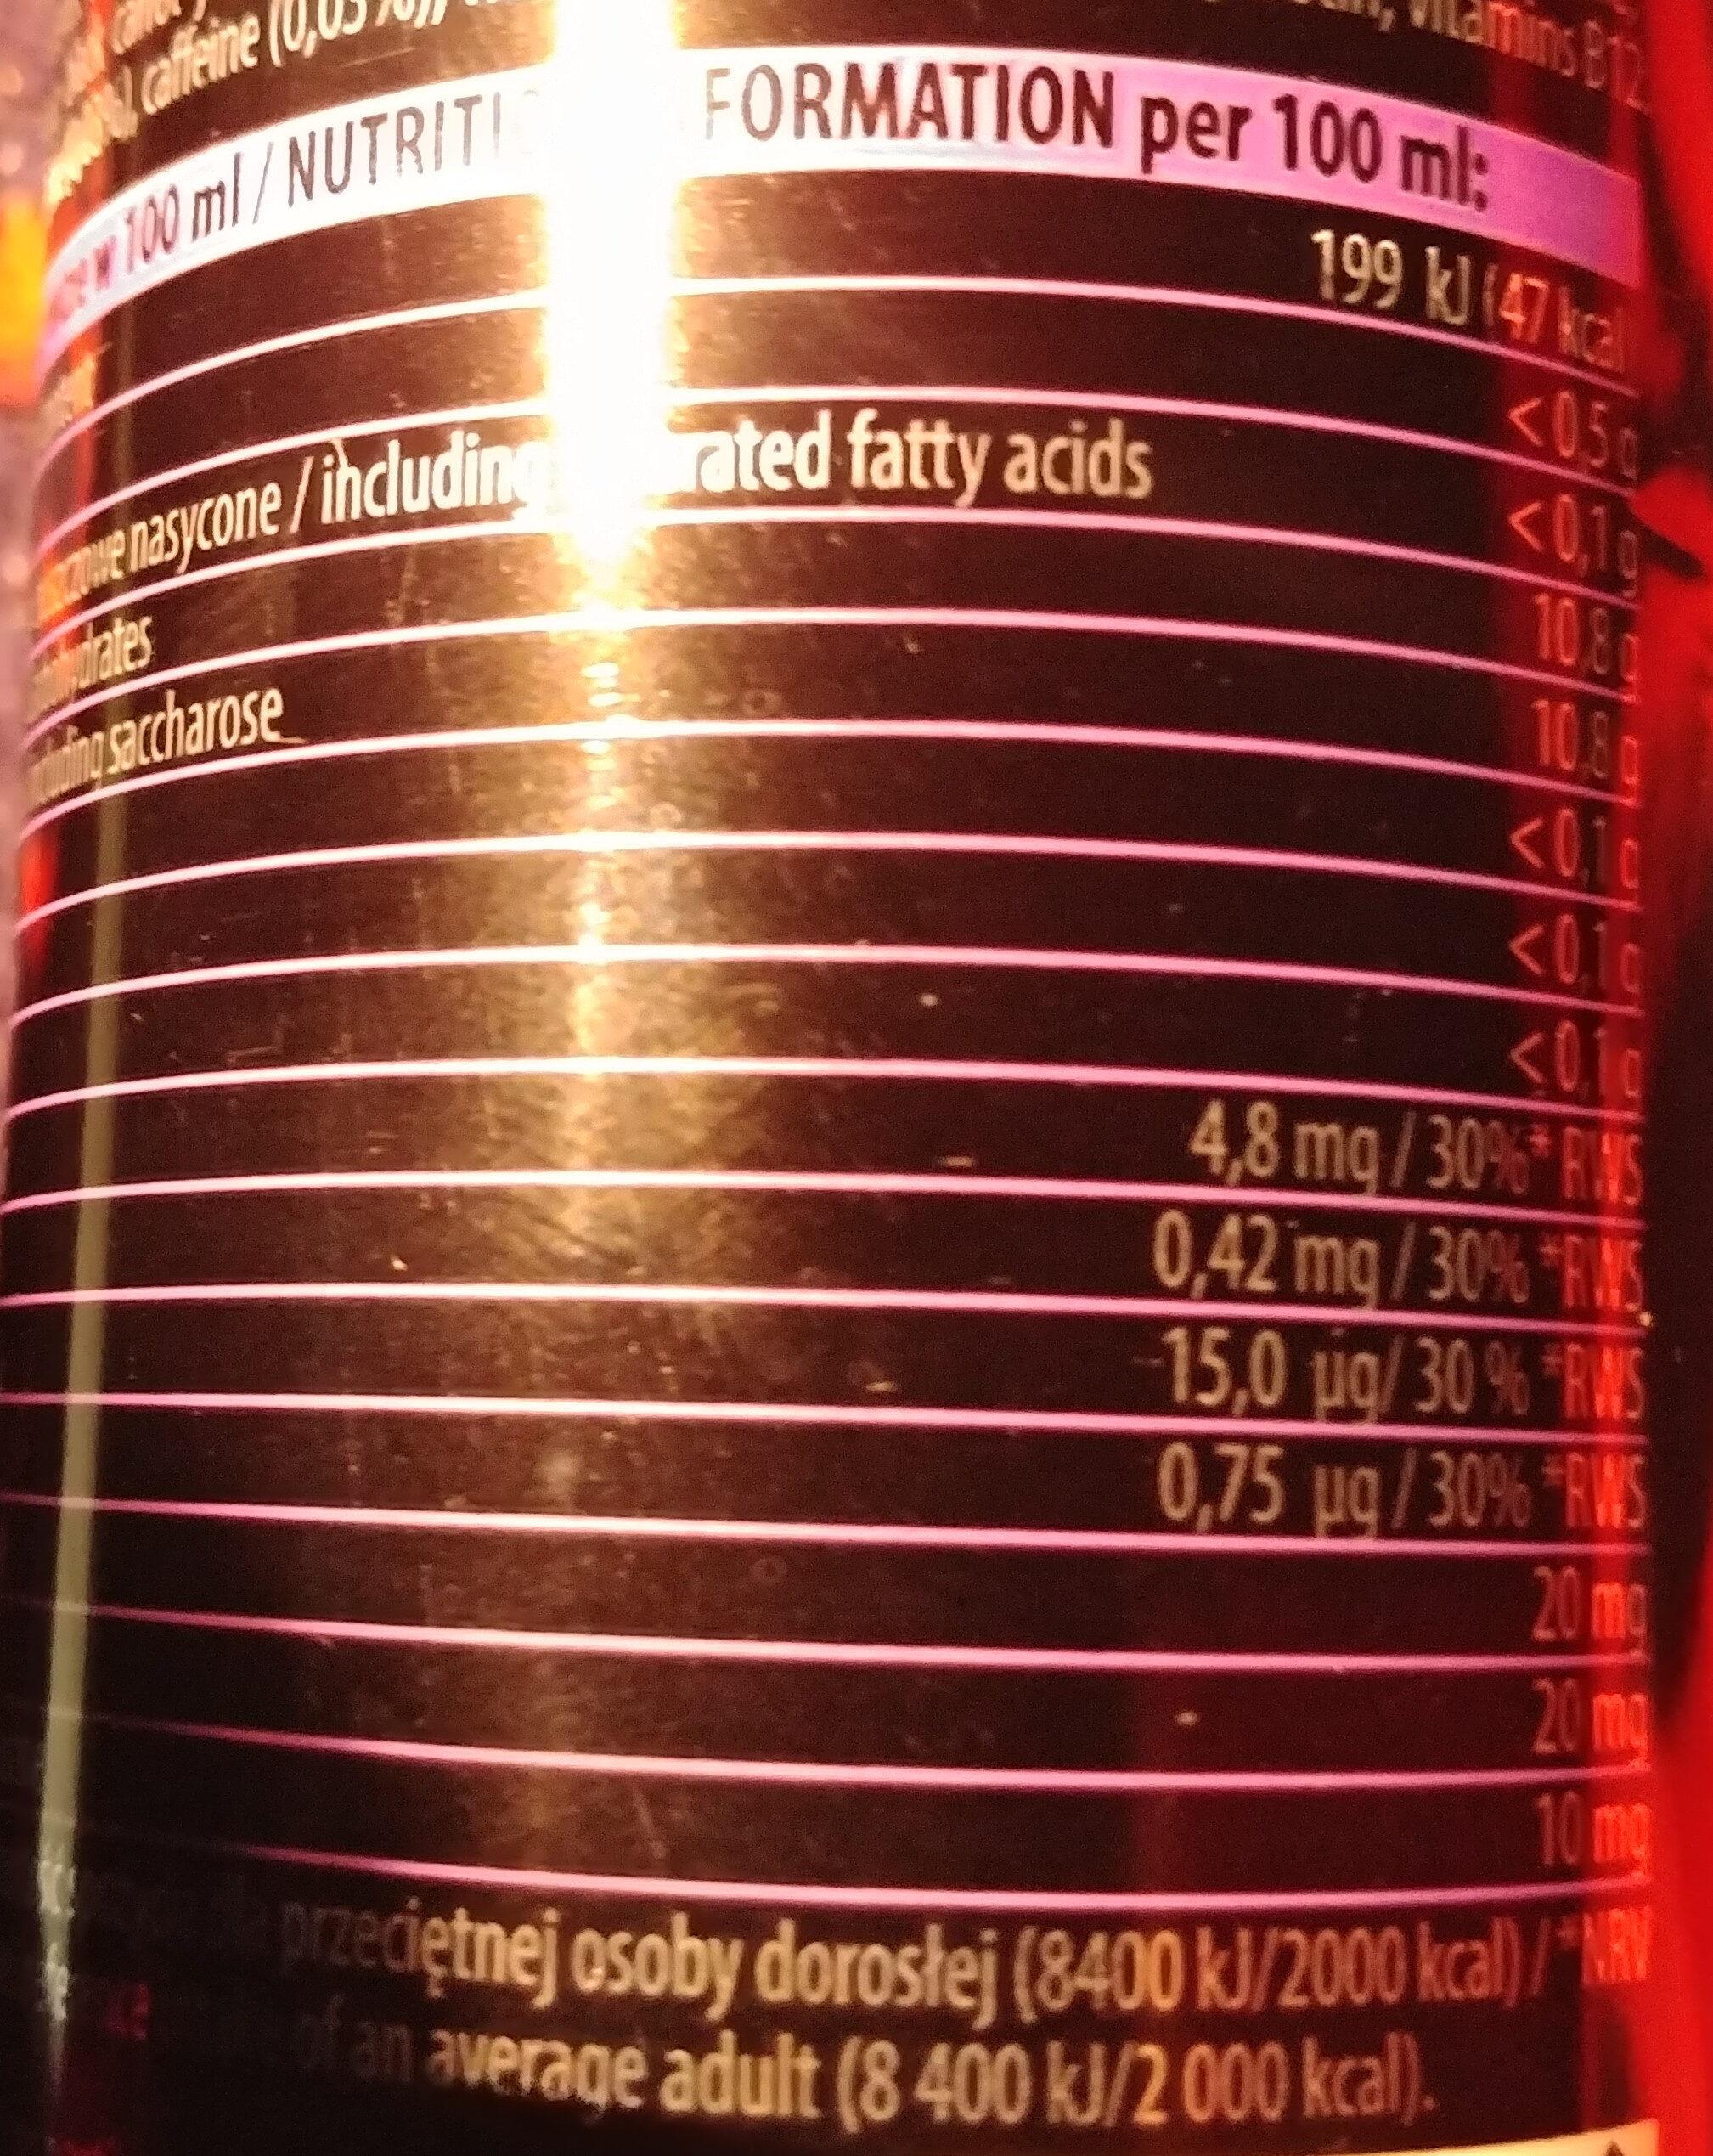 Napój energetyczny gazowany o smaku owocowym z aminokwasami - Wartości odżywcze - pl